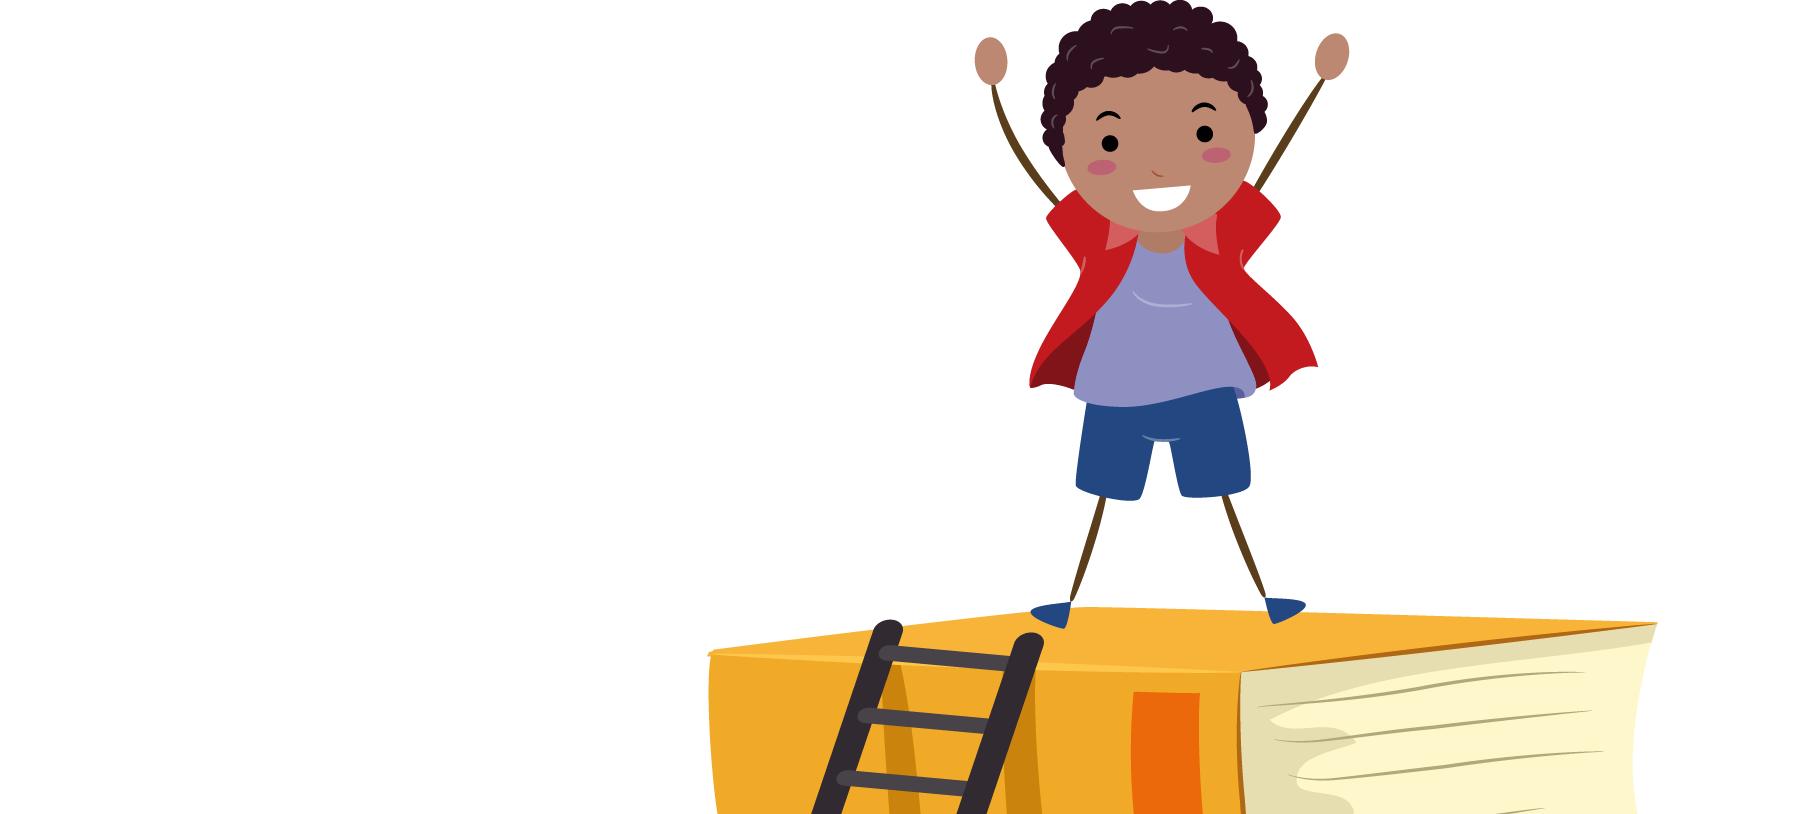 Kinderbuch schreiben: Anleitung in 10 Schritten